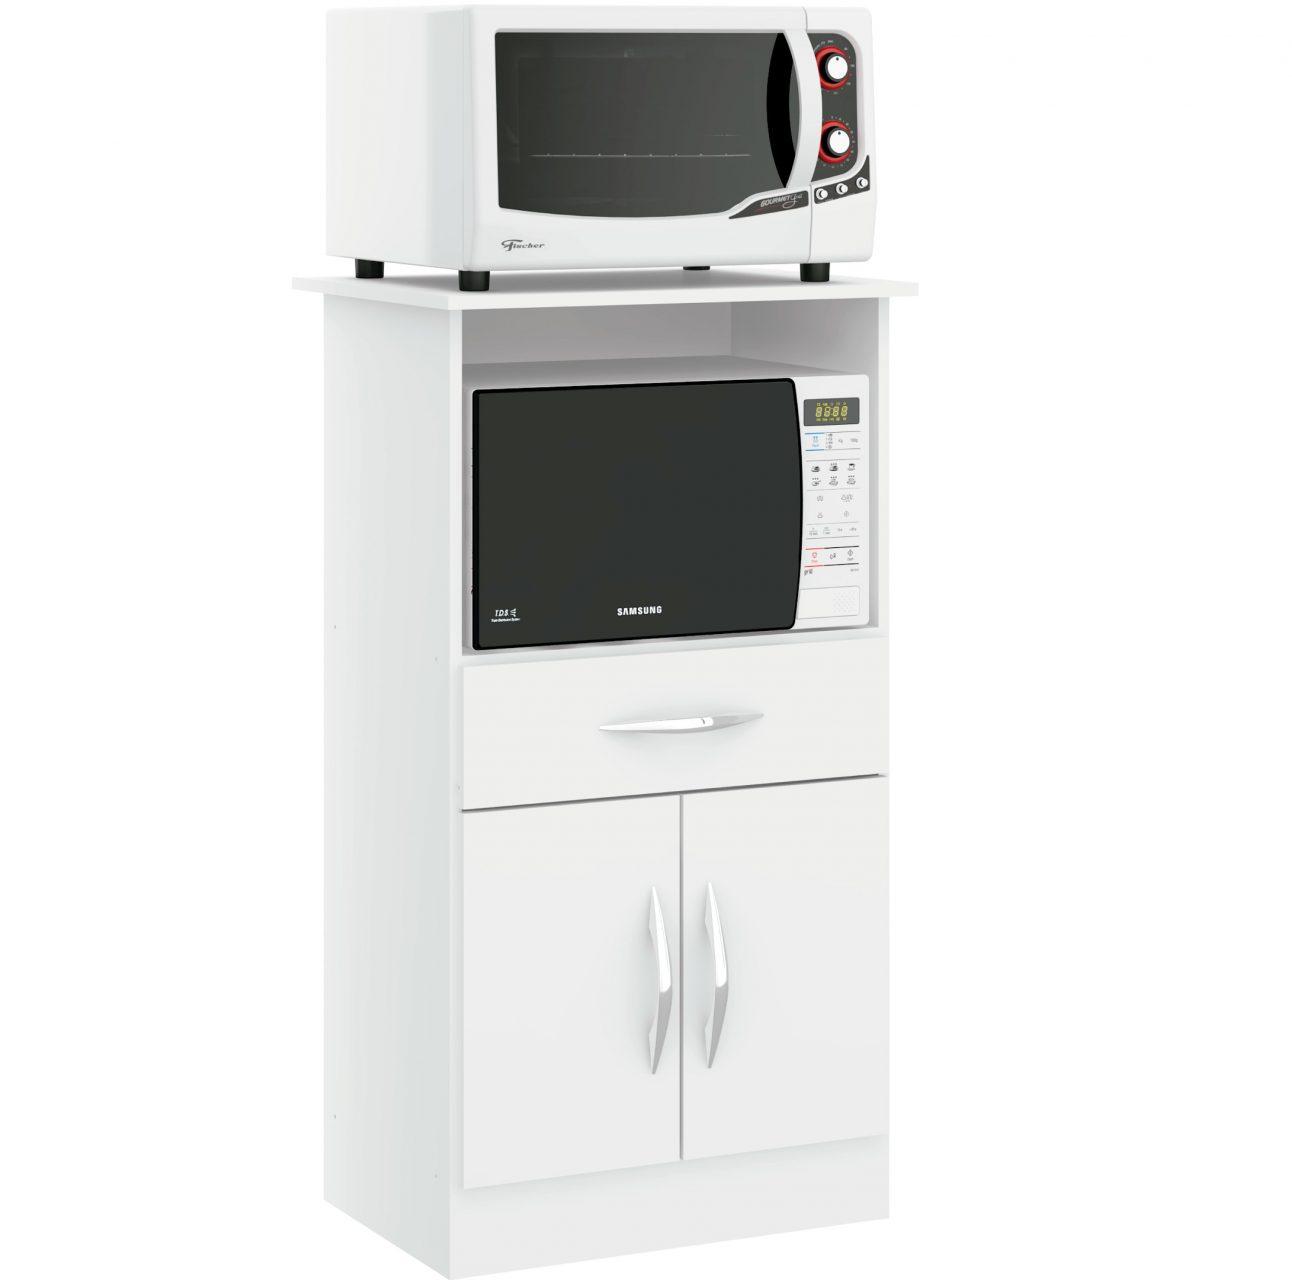 Mueble Cocina Frutero Microondas Multiuso 2 Puertas 509